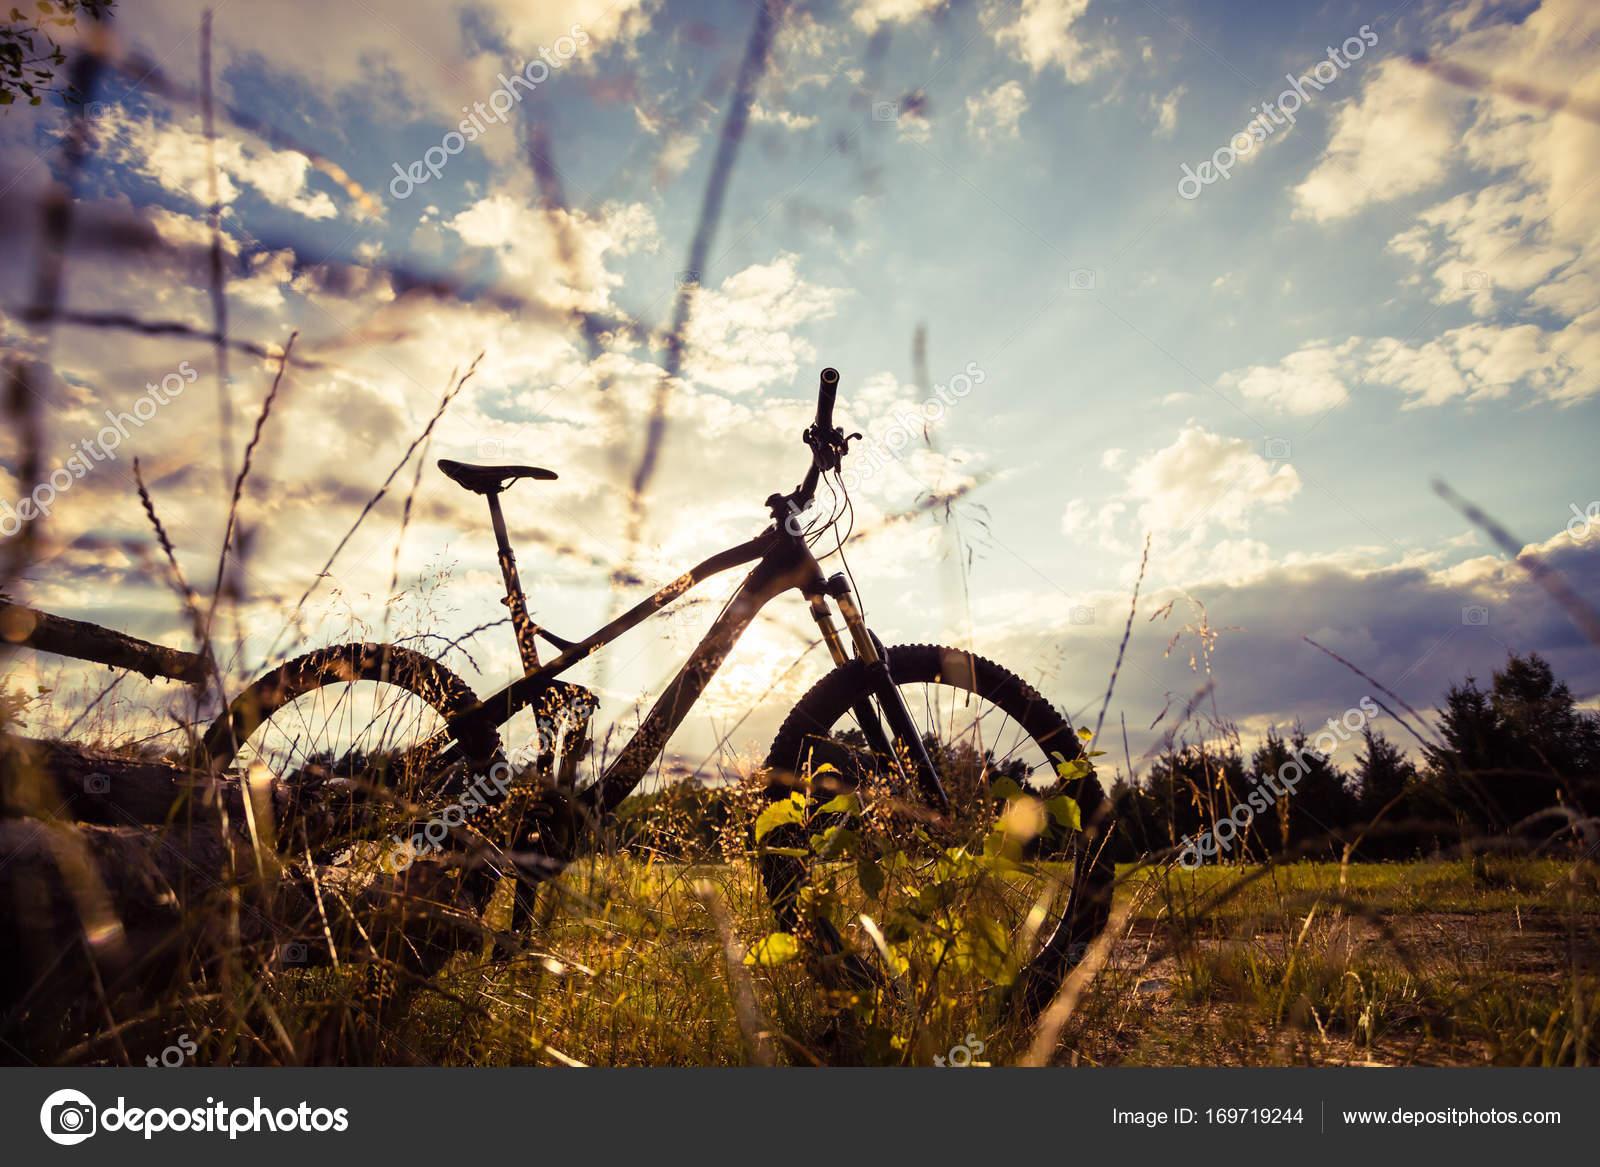 Mountainbike mtb auf gr nen sommer waldweg inspirierende la stockfoto blasbike 169719244 - Inspirierende bilder ...